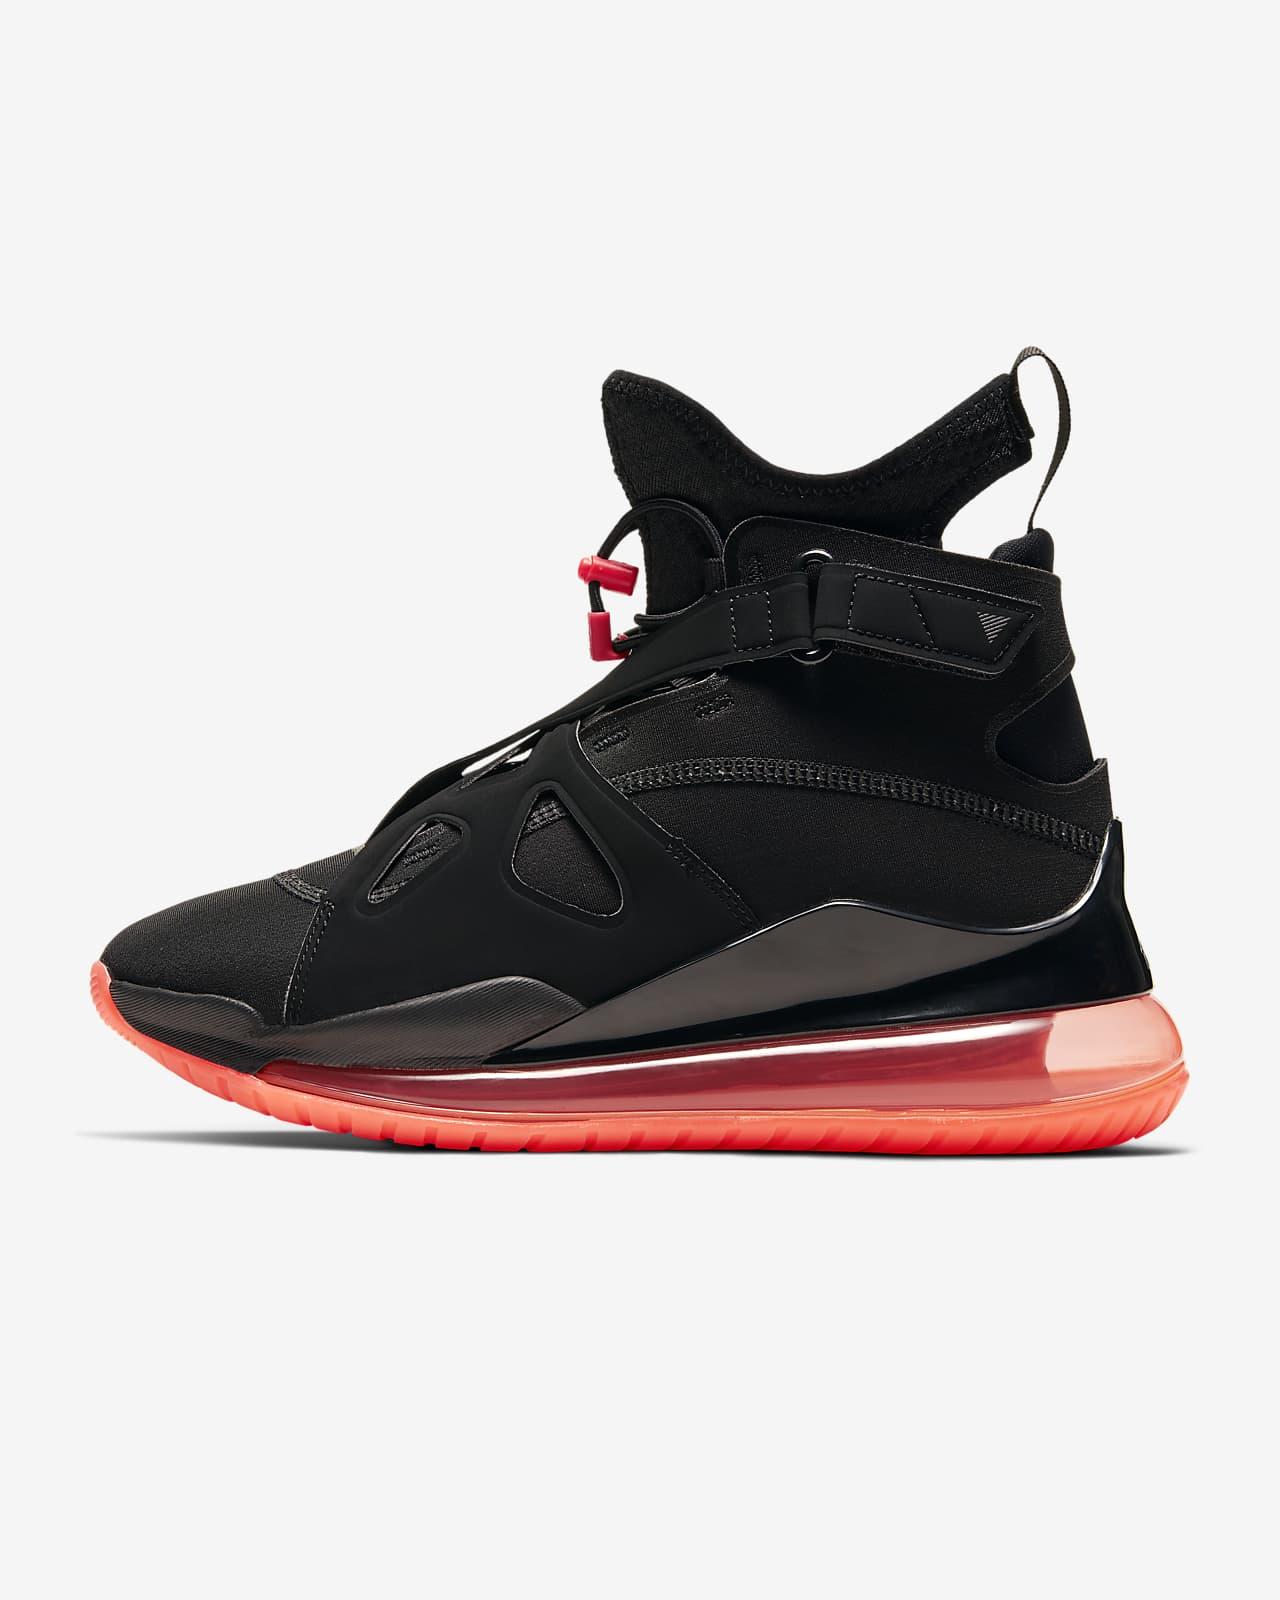 รองเท้าผู้หญิง Jordan Air Latitude 720